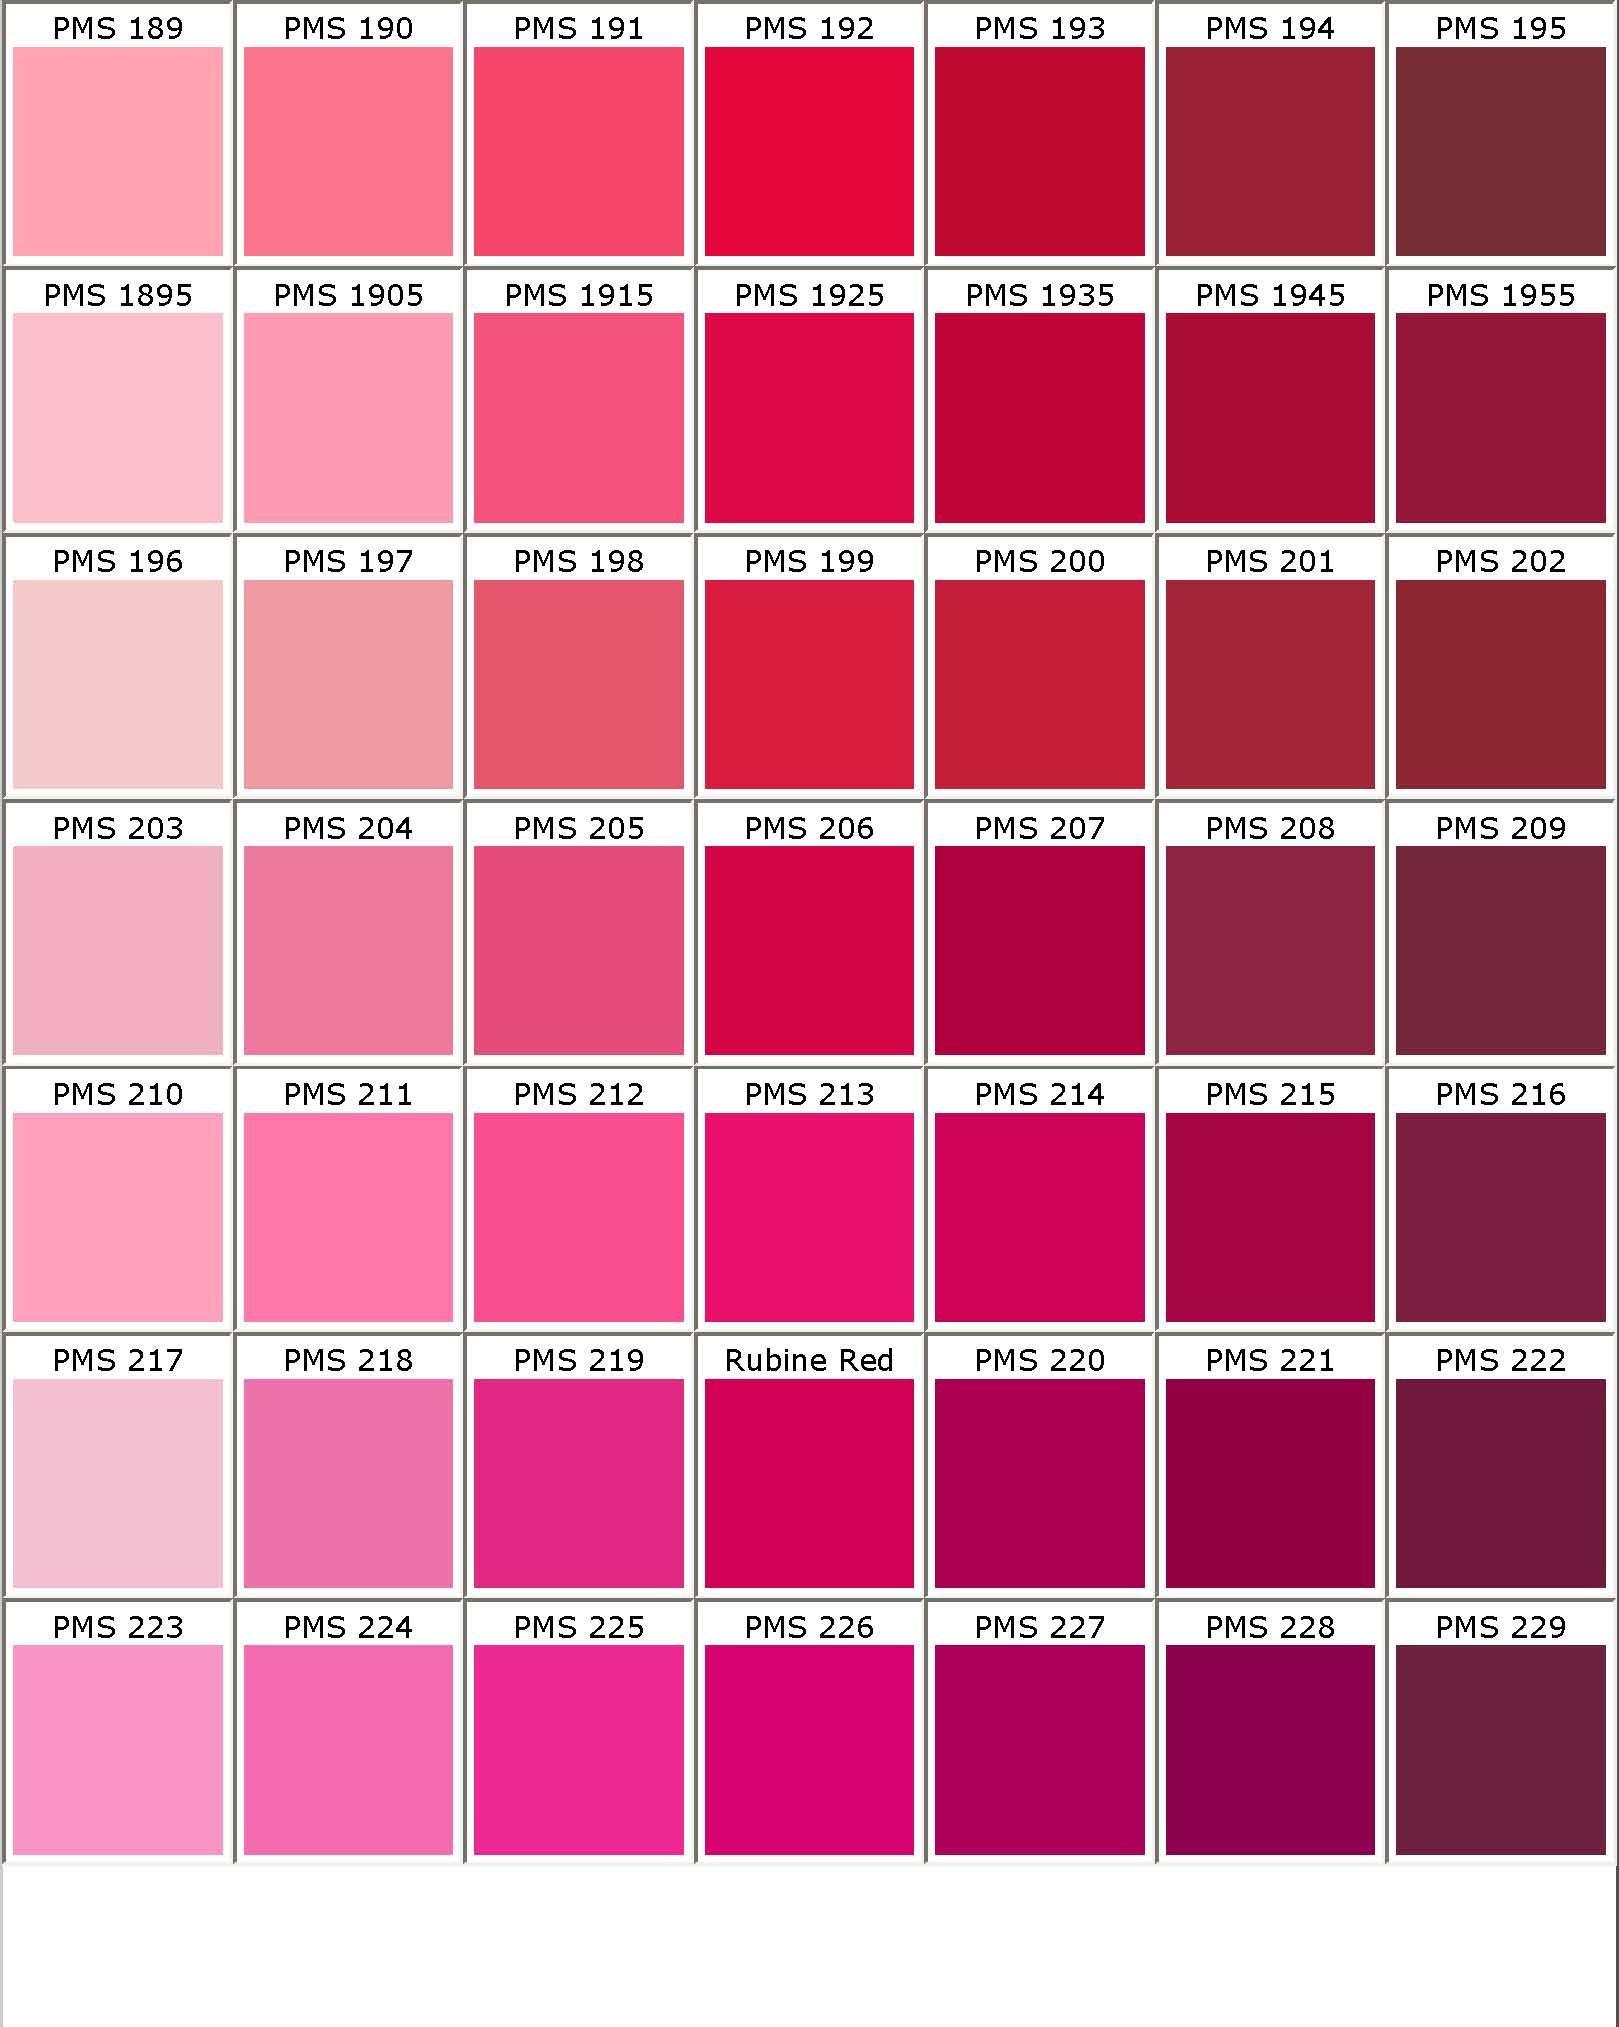 Tabela de Tons de Rosa